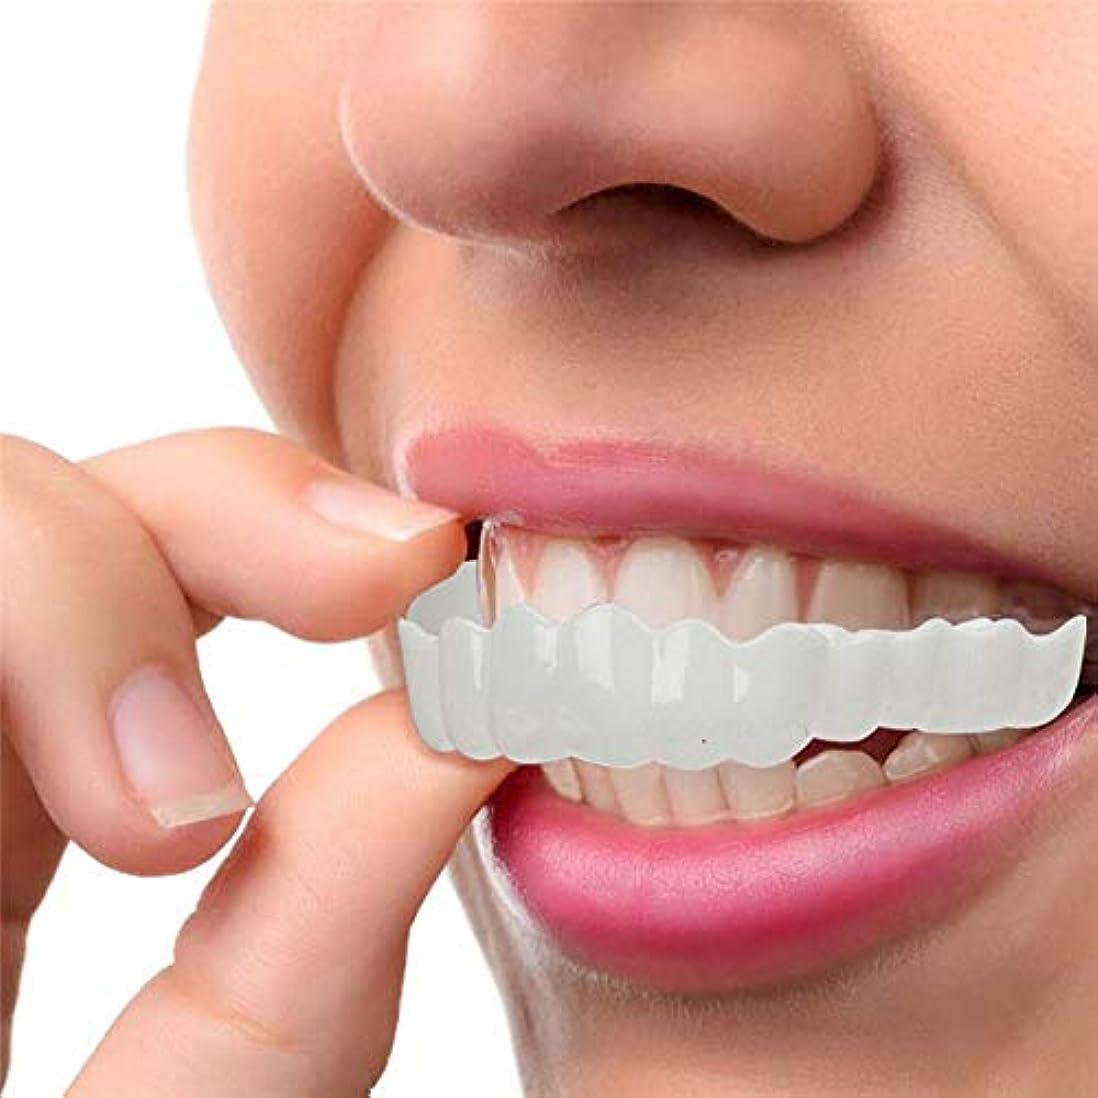 マイクロプロセッサ専門知識ムス化粧品の歯、白い歯をきれいにするための快適なフィットフレックス歯ソケット、超快適、快適なフィット感、5セット